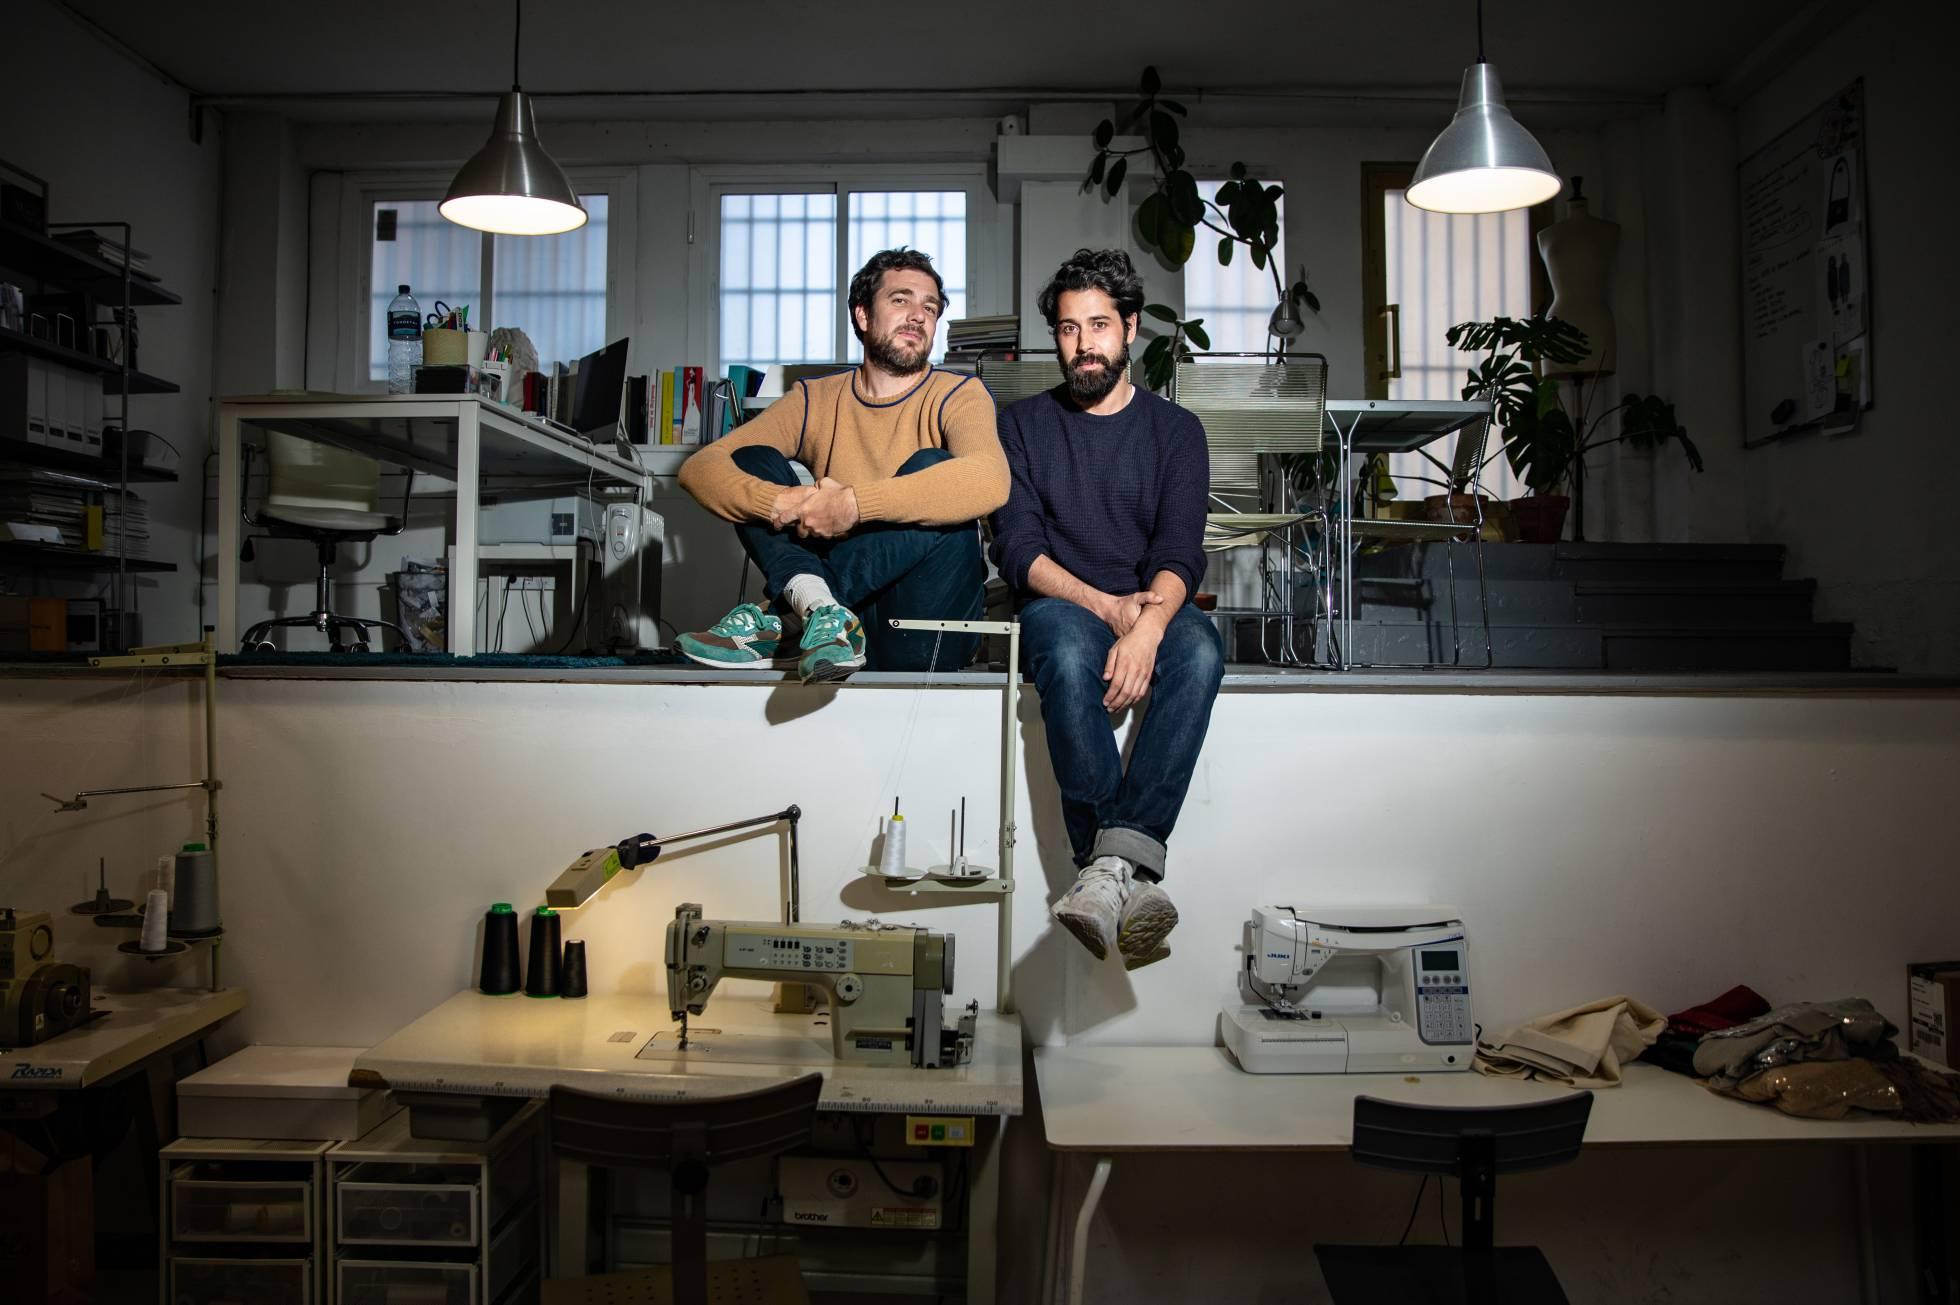 Дизайнеры из Мадрида создали марку одежды, которая стала популярнее за рубежом, чем в Испании